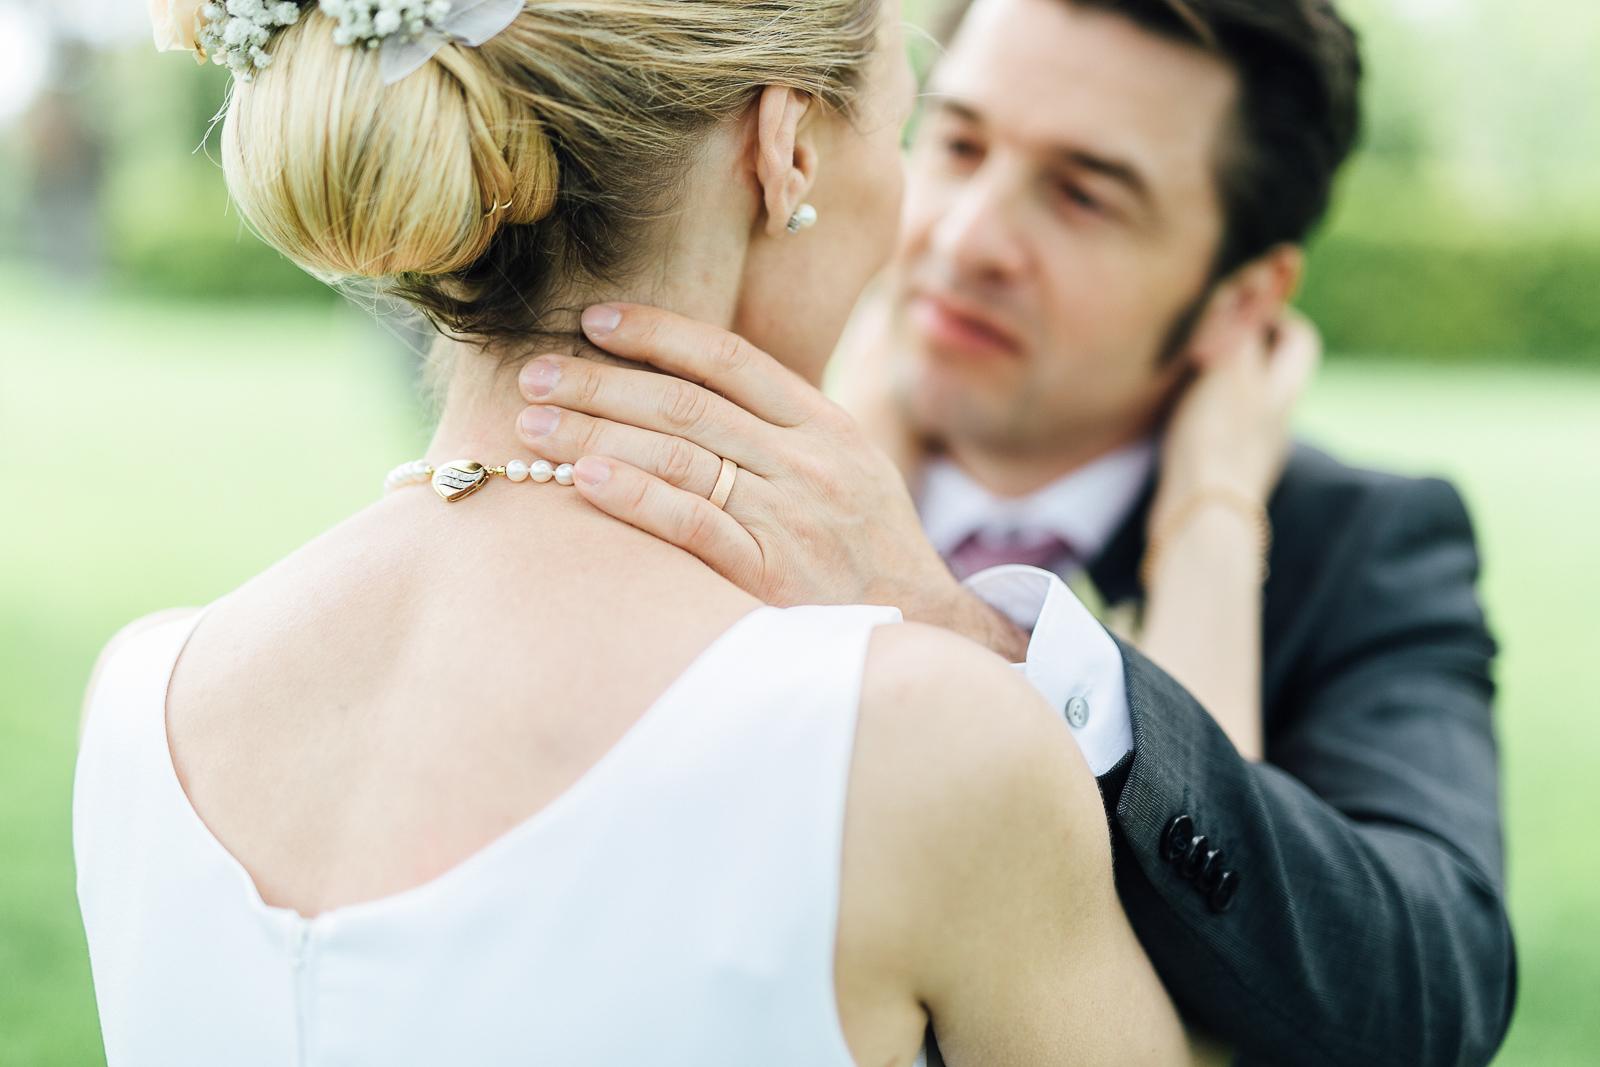 Brautpaar in inniger Pose am Hochzeitstag in Wien